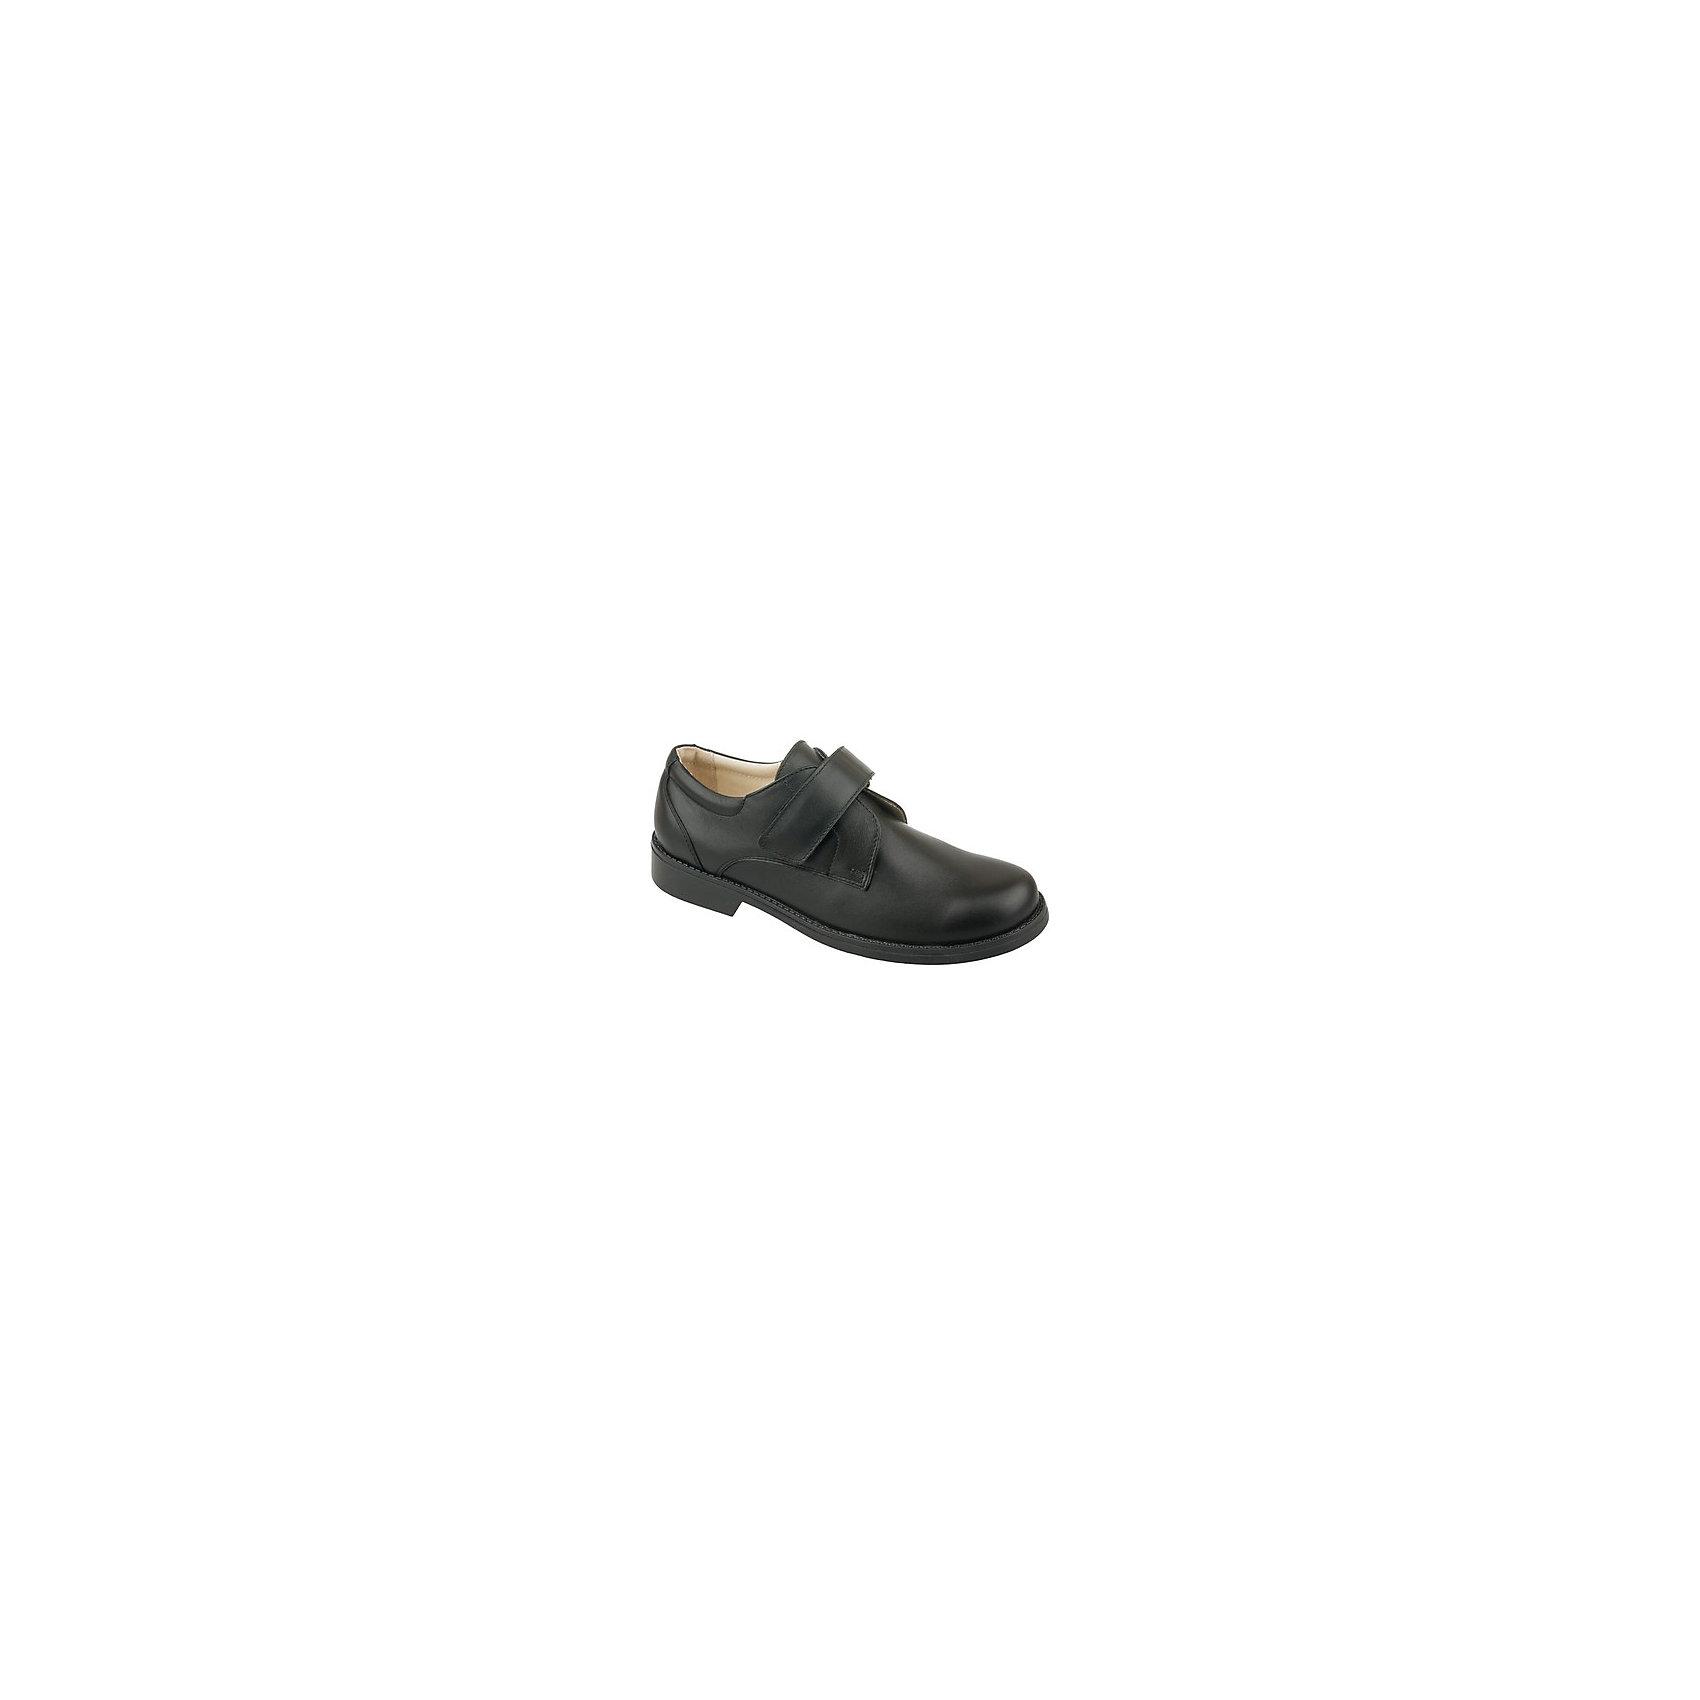 Полуботинки для мальчика ЗебраПолуботинки для мальчика от известного российского бренда детской обуви Зебра.<br>Классические черные полуботинки станут универсальной обувью для школы. Они эффектно смотрятся благодаря модному дизайну и качественному исполнению.<br>Отличительные особенности модели:<br>- цвет черный;<br>- комфортная колодка;<br>- устойчивая износостойкая подошва;<br>- удобные застежки-липучки;<br>- мягкий верхний кант для предотвращения потертостей;<br>- материал подкладки – натуральная кожа.<br>Дополнительная информация:<br>- Температурный режим: от + 5° С  до + 20° С.<br>- Состав:<br>материал верха: искусственная кожа<br>материал подкладки: натуральная кожа<br>подошва: ТПР.<br>Полуботинки для мальчика от бренда Зебра можно купить в нашем магазине.<br><br>Ширина мм: 262<br>Глубина мм: 176<br>Высота мм: 97<br>Вес г: 427<br>Цвет: черный<br>Возраст от месяцев: 144<br>Возраст до месяцев: 156<br>Пол: Мужской<br>Возраст: Детский<br>Размер: 37.5,33,35,34,37,36<br>SKU: 4211266